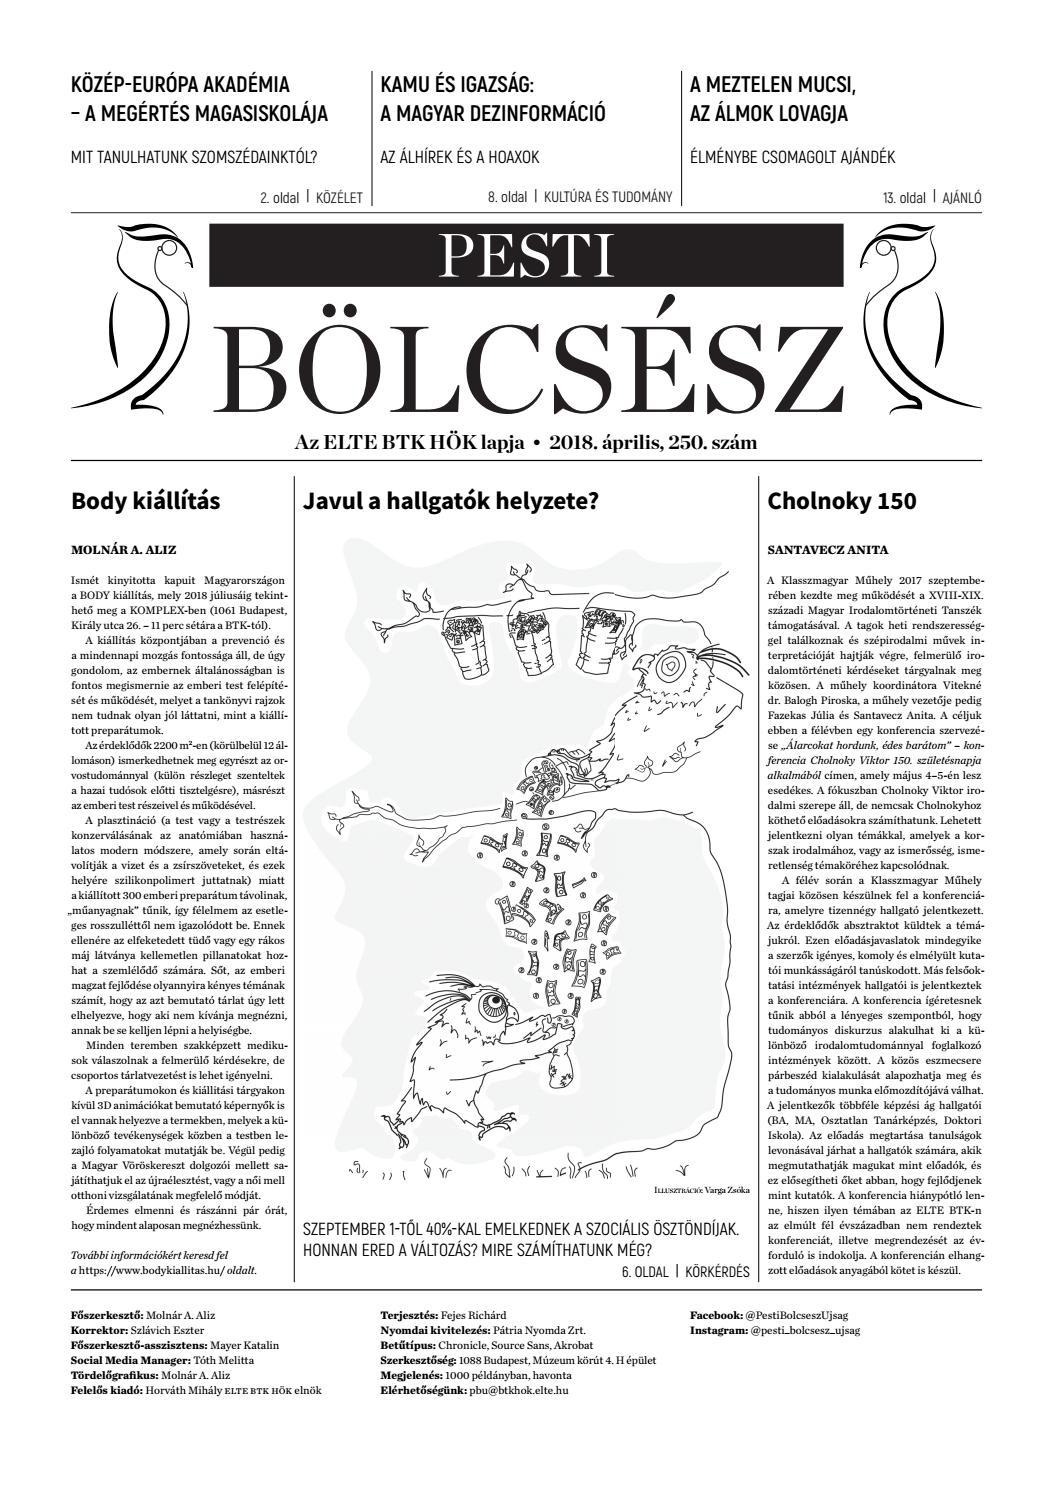 Sürgősen kerestetik: Kereset kiegészítés Budapest - Kereset kiegészítés állás - Jooble